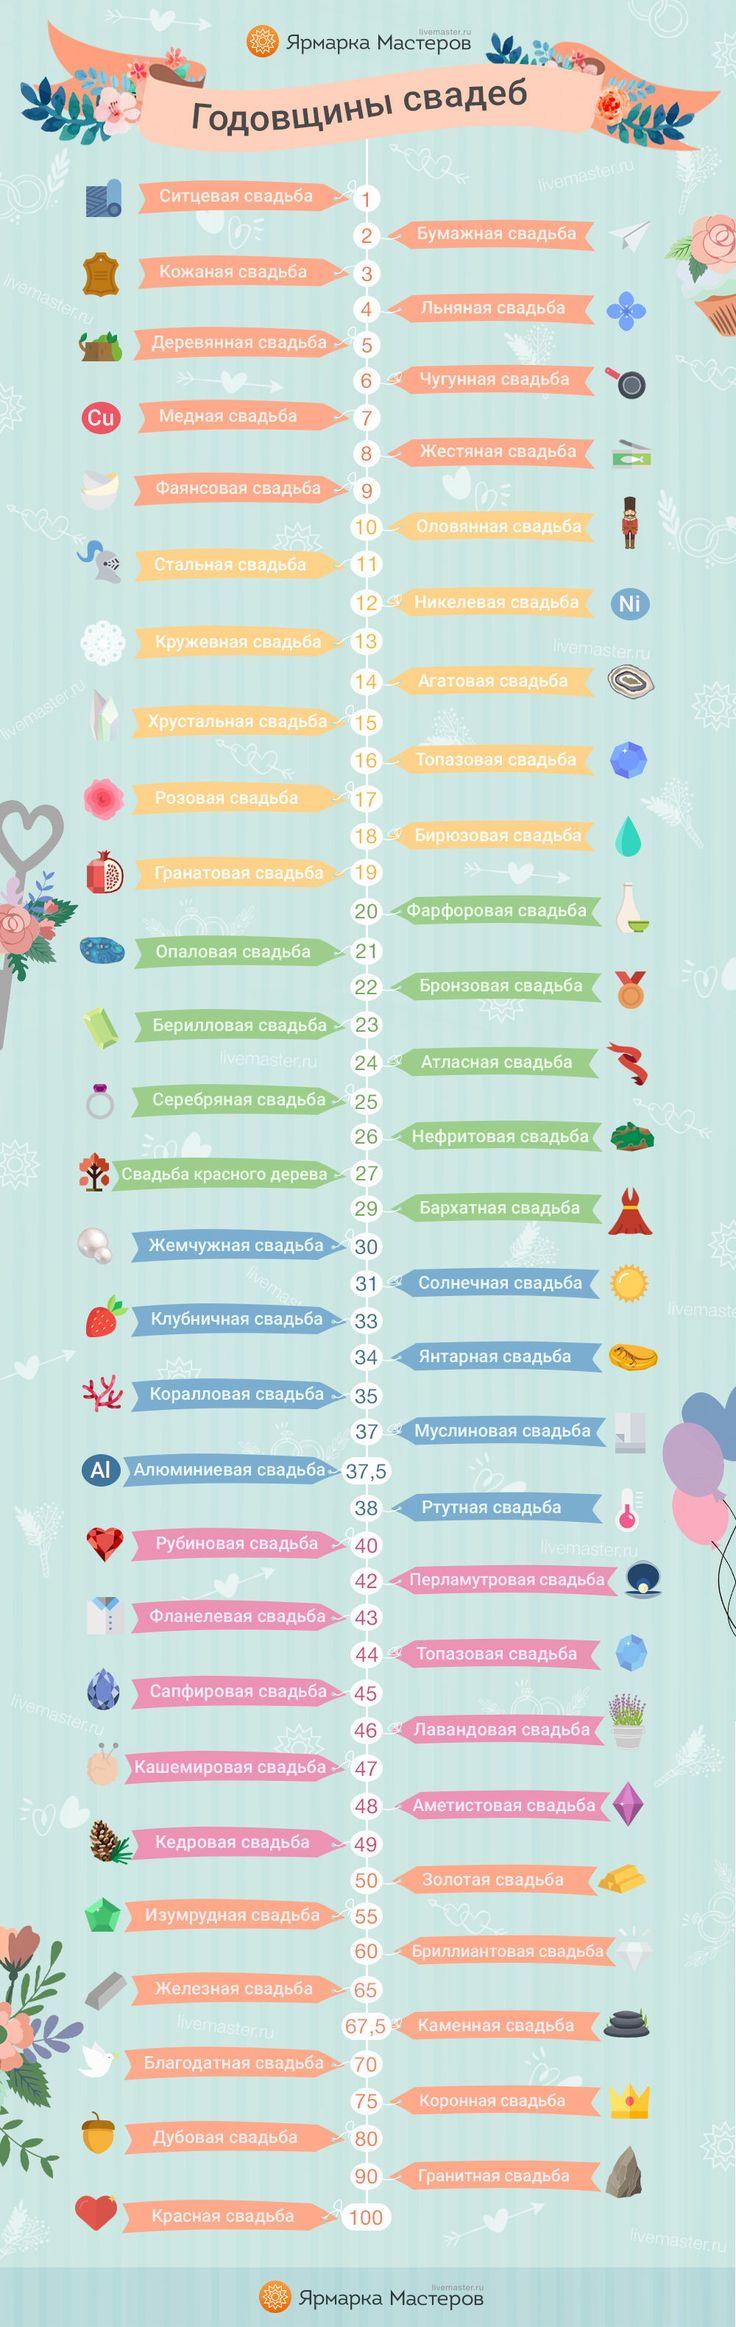 Как называются годовщины свадьбы: инфографика от Ярмарки Мастеров - Ярмарка Мастеров - ручная работа, handmade